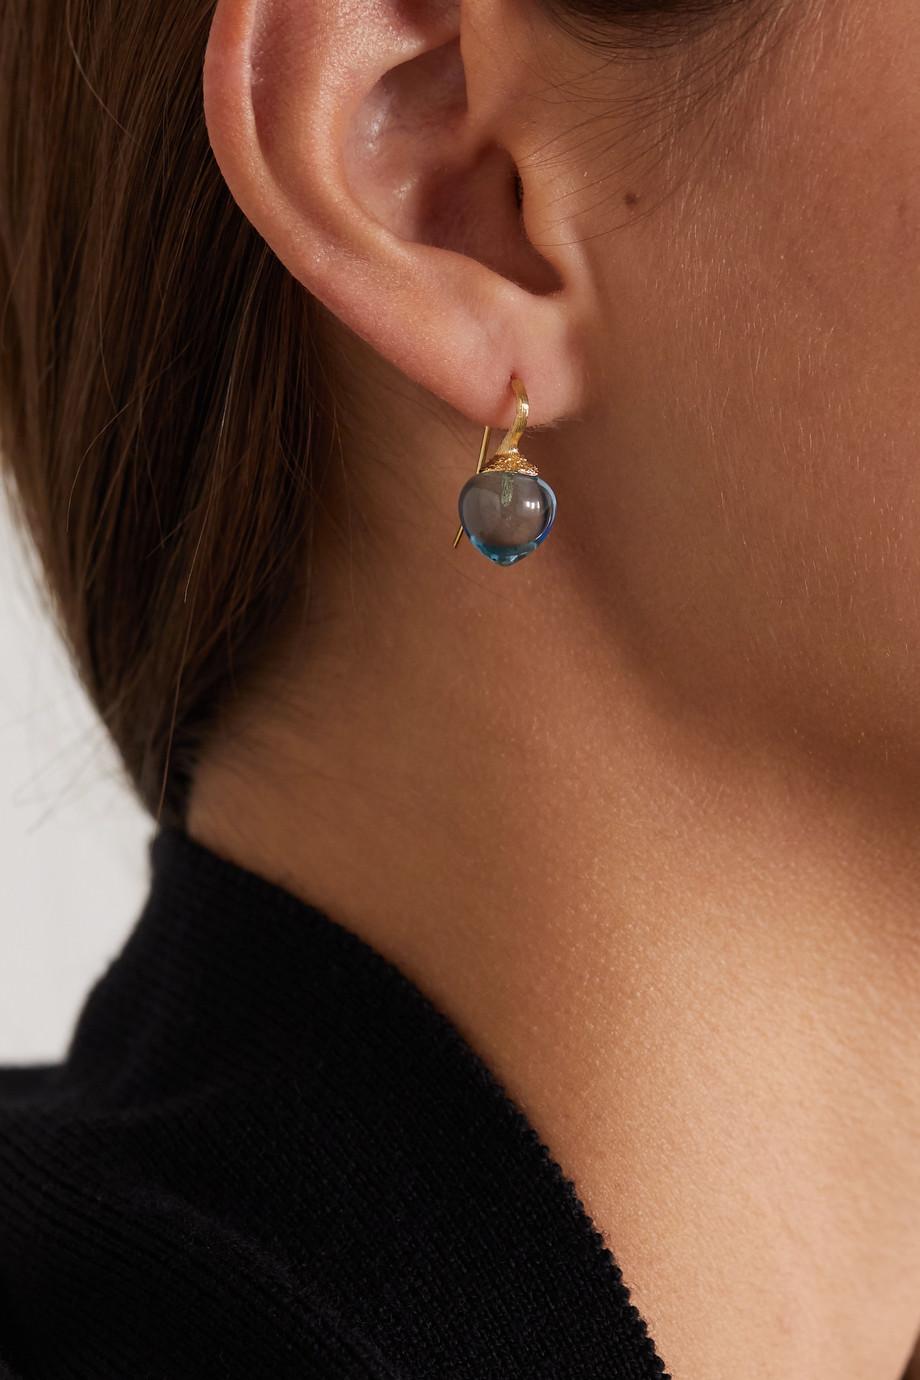 OLE LYNGGAARD COPENHAGEN Dew Drops 18-karat gold topaz earrings